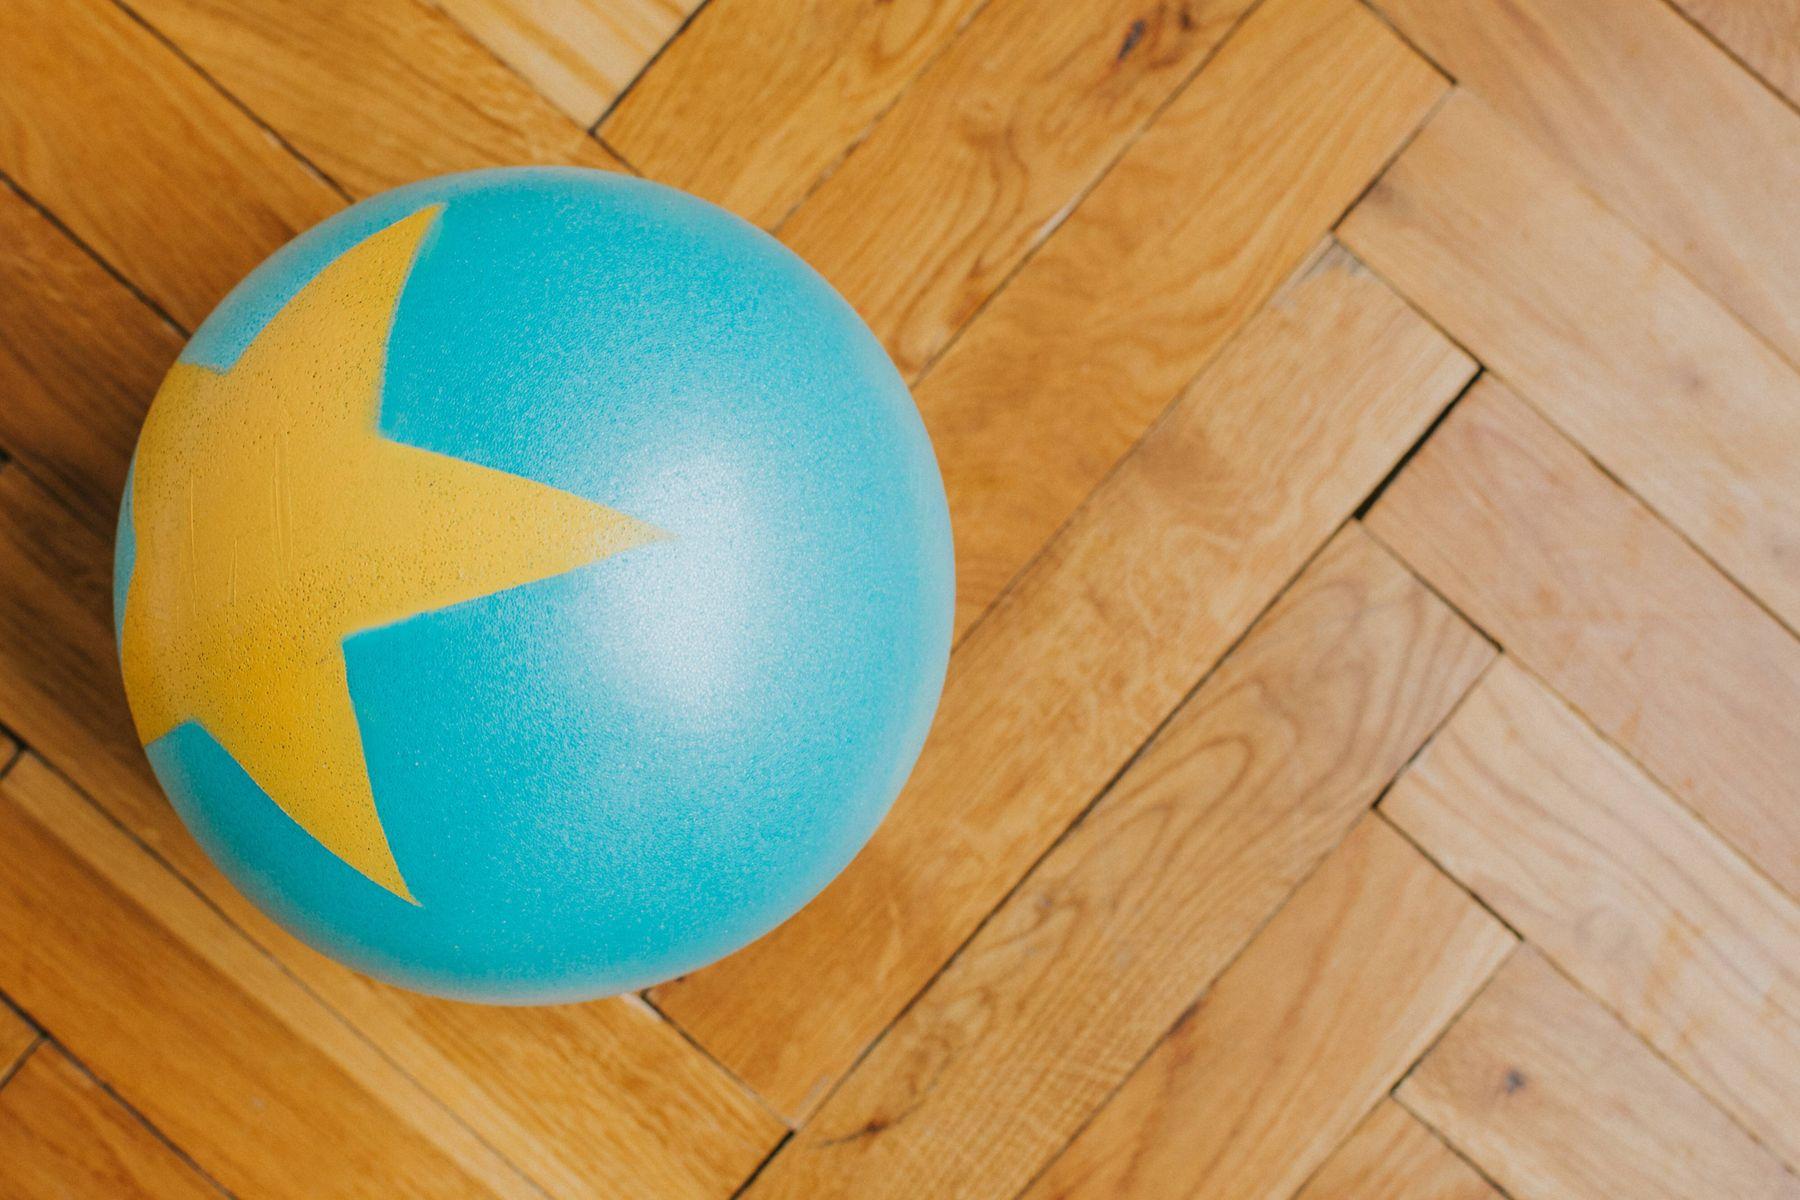 pelota azul sobre piso de parquet